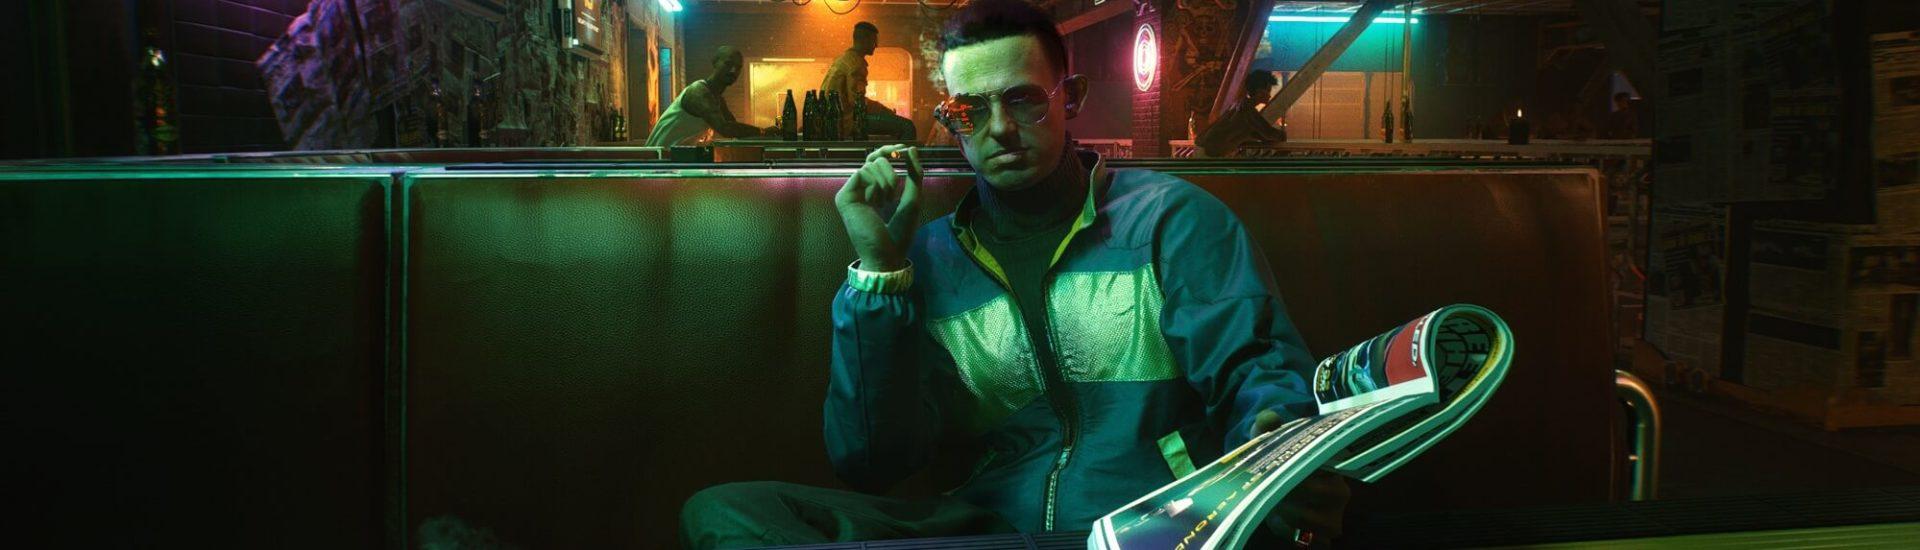 Cyberpunk 2077 erneut verschoben – in der Community kommt Unmut auf